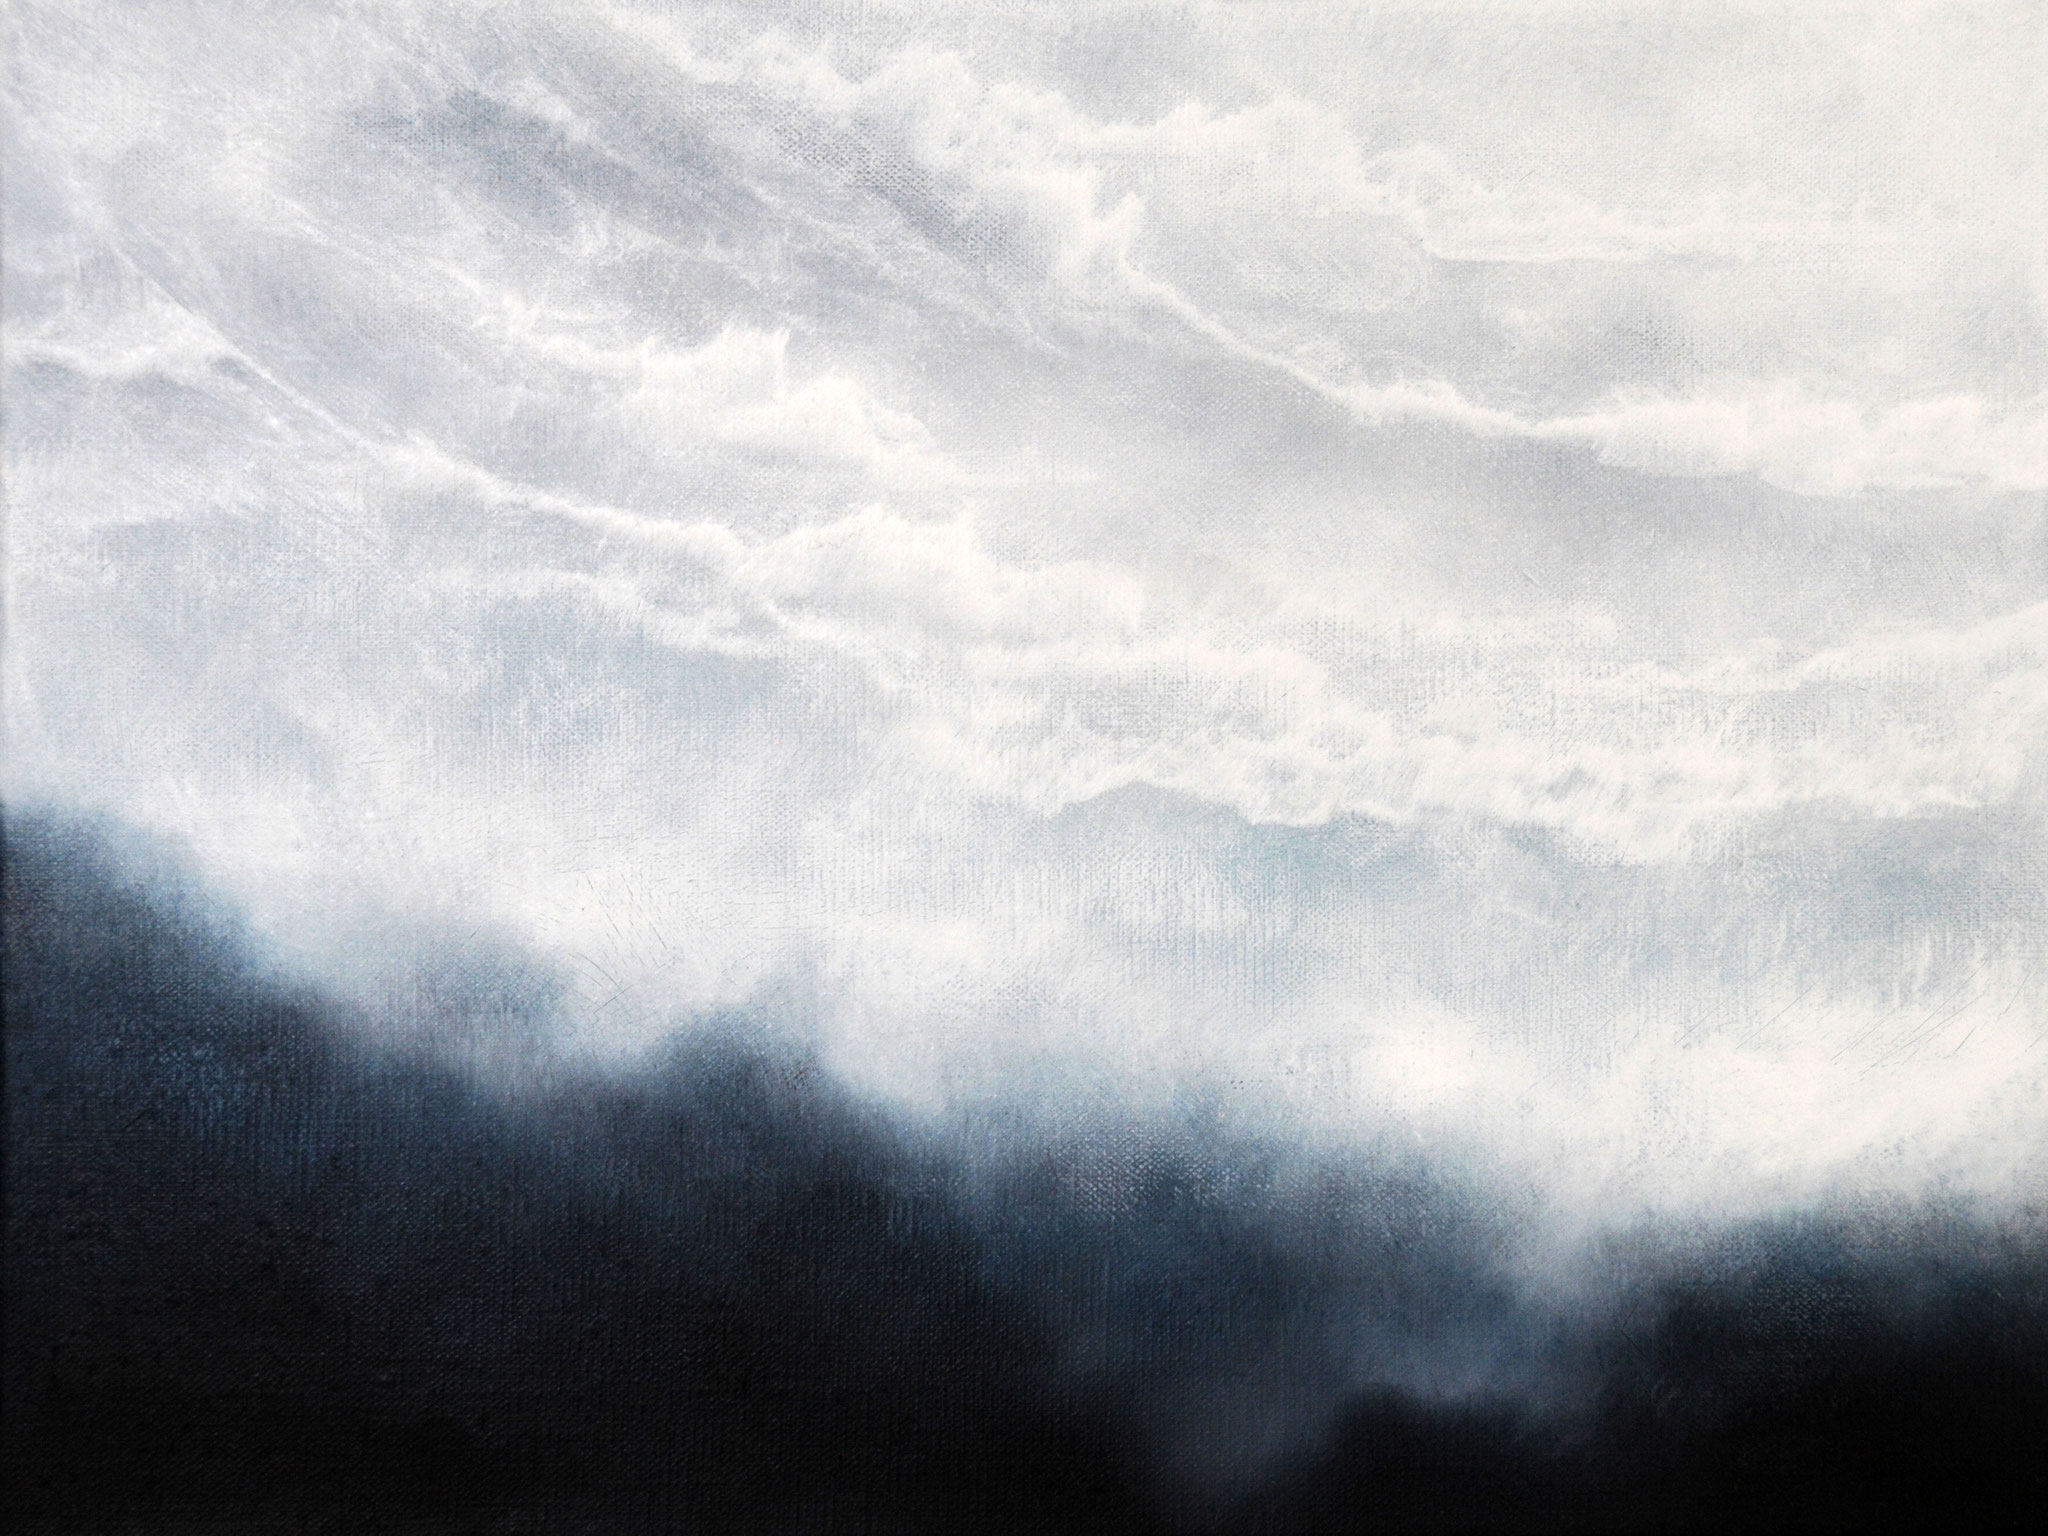 APOKALYPSE, 2019, Öl/Lwd., 30 x 40cm